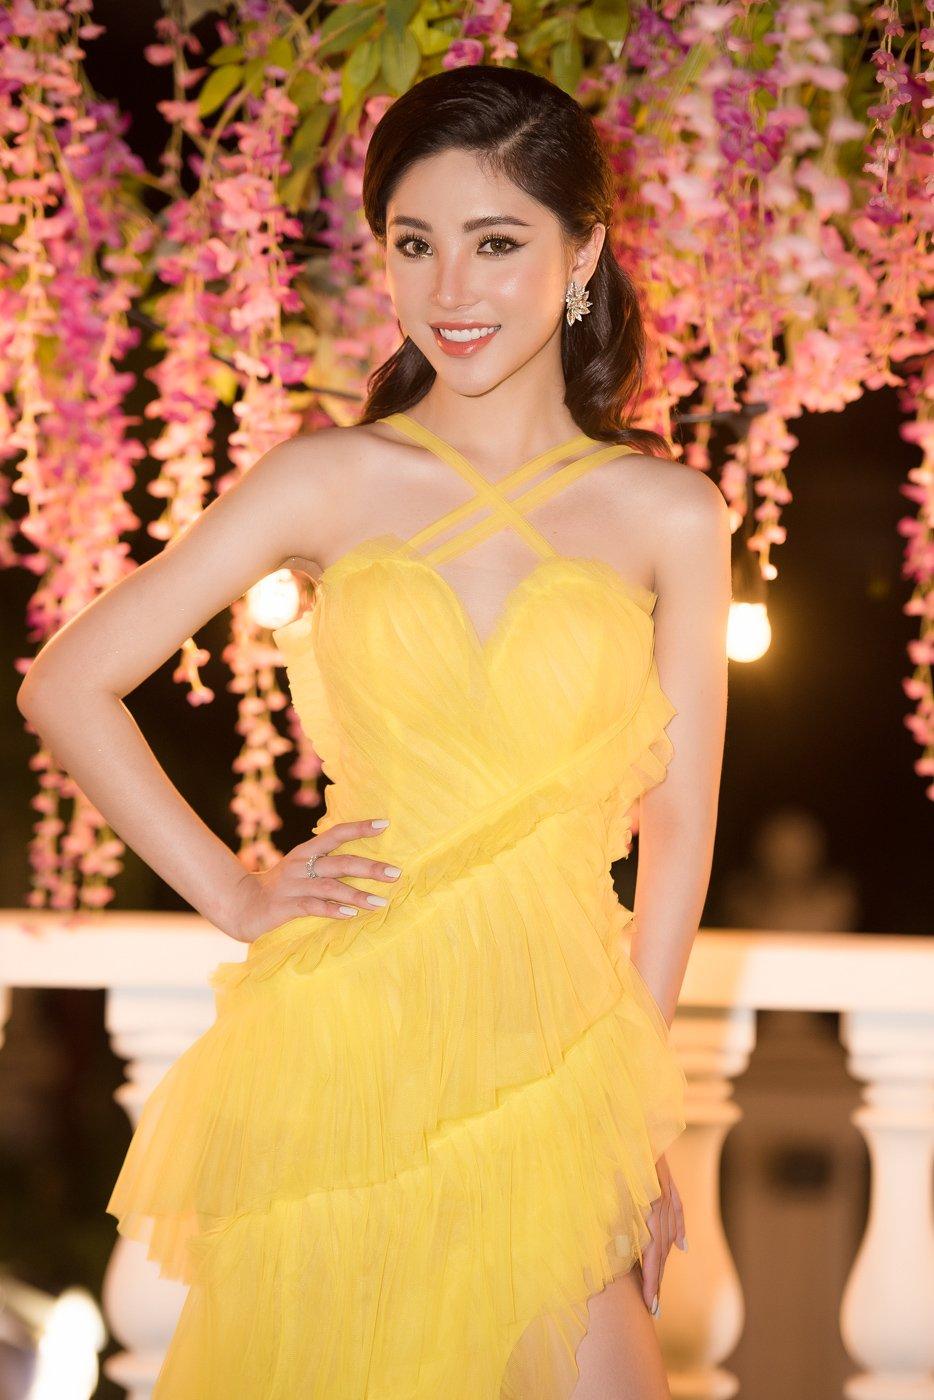 Tân Hoa hậu sinh năm 99 Mỹ Huyền khoe dáng nóng bỏng đi sự kiện 3